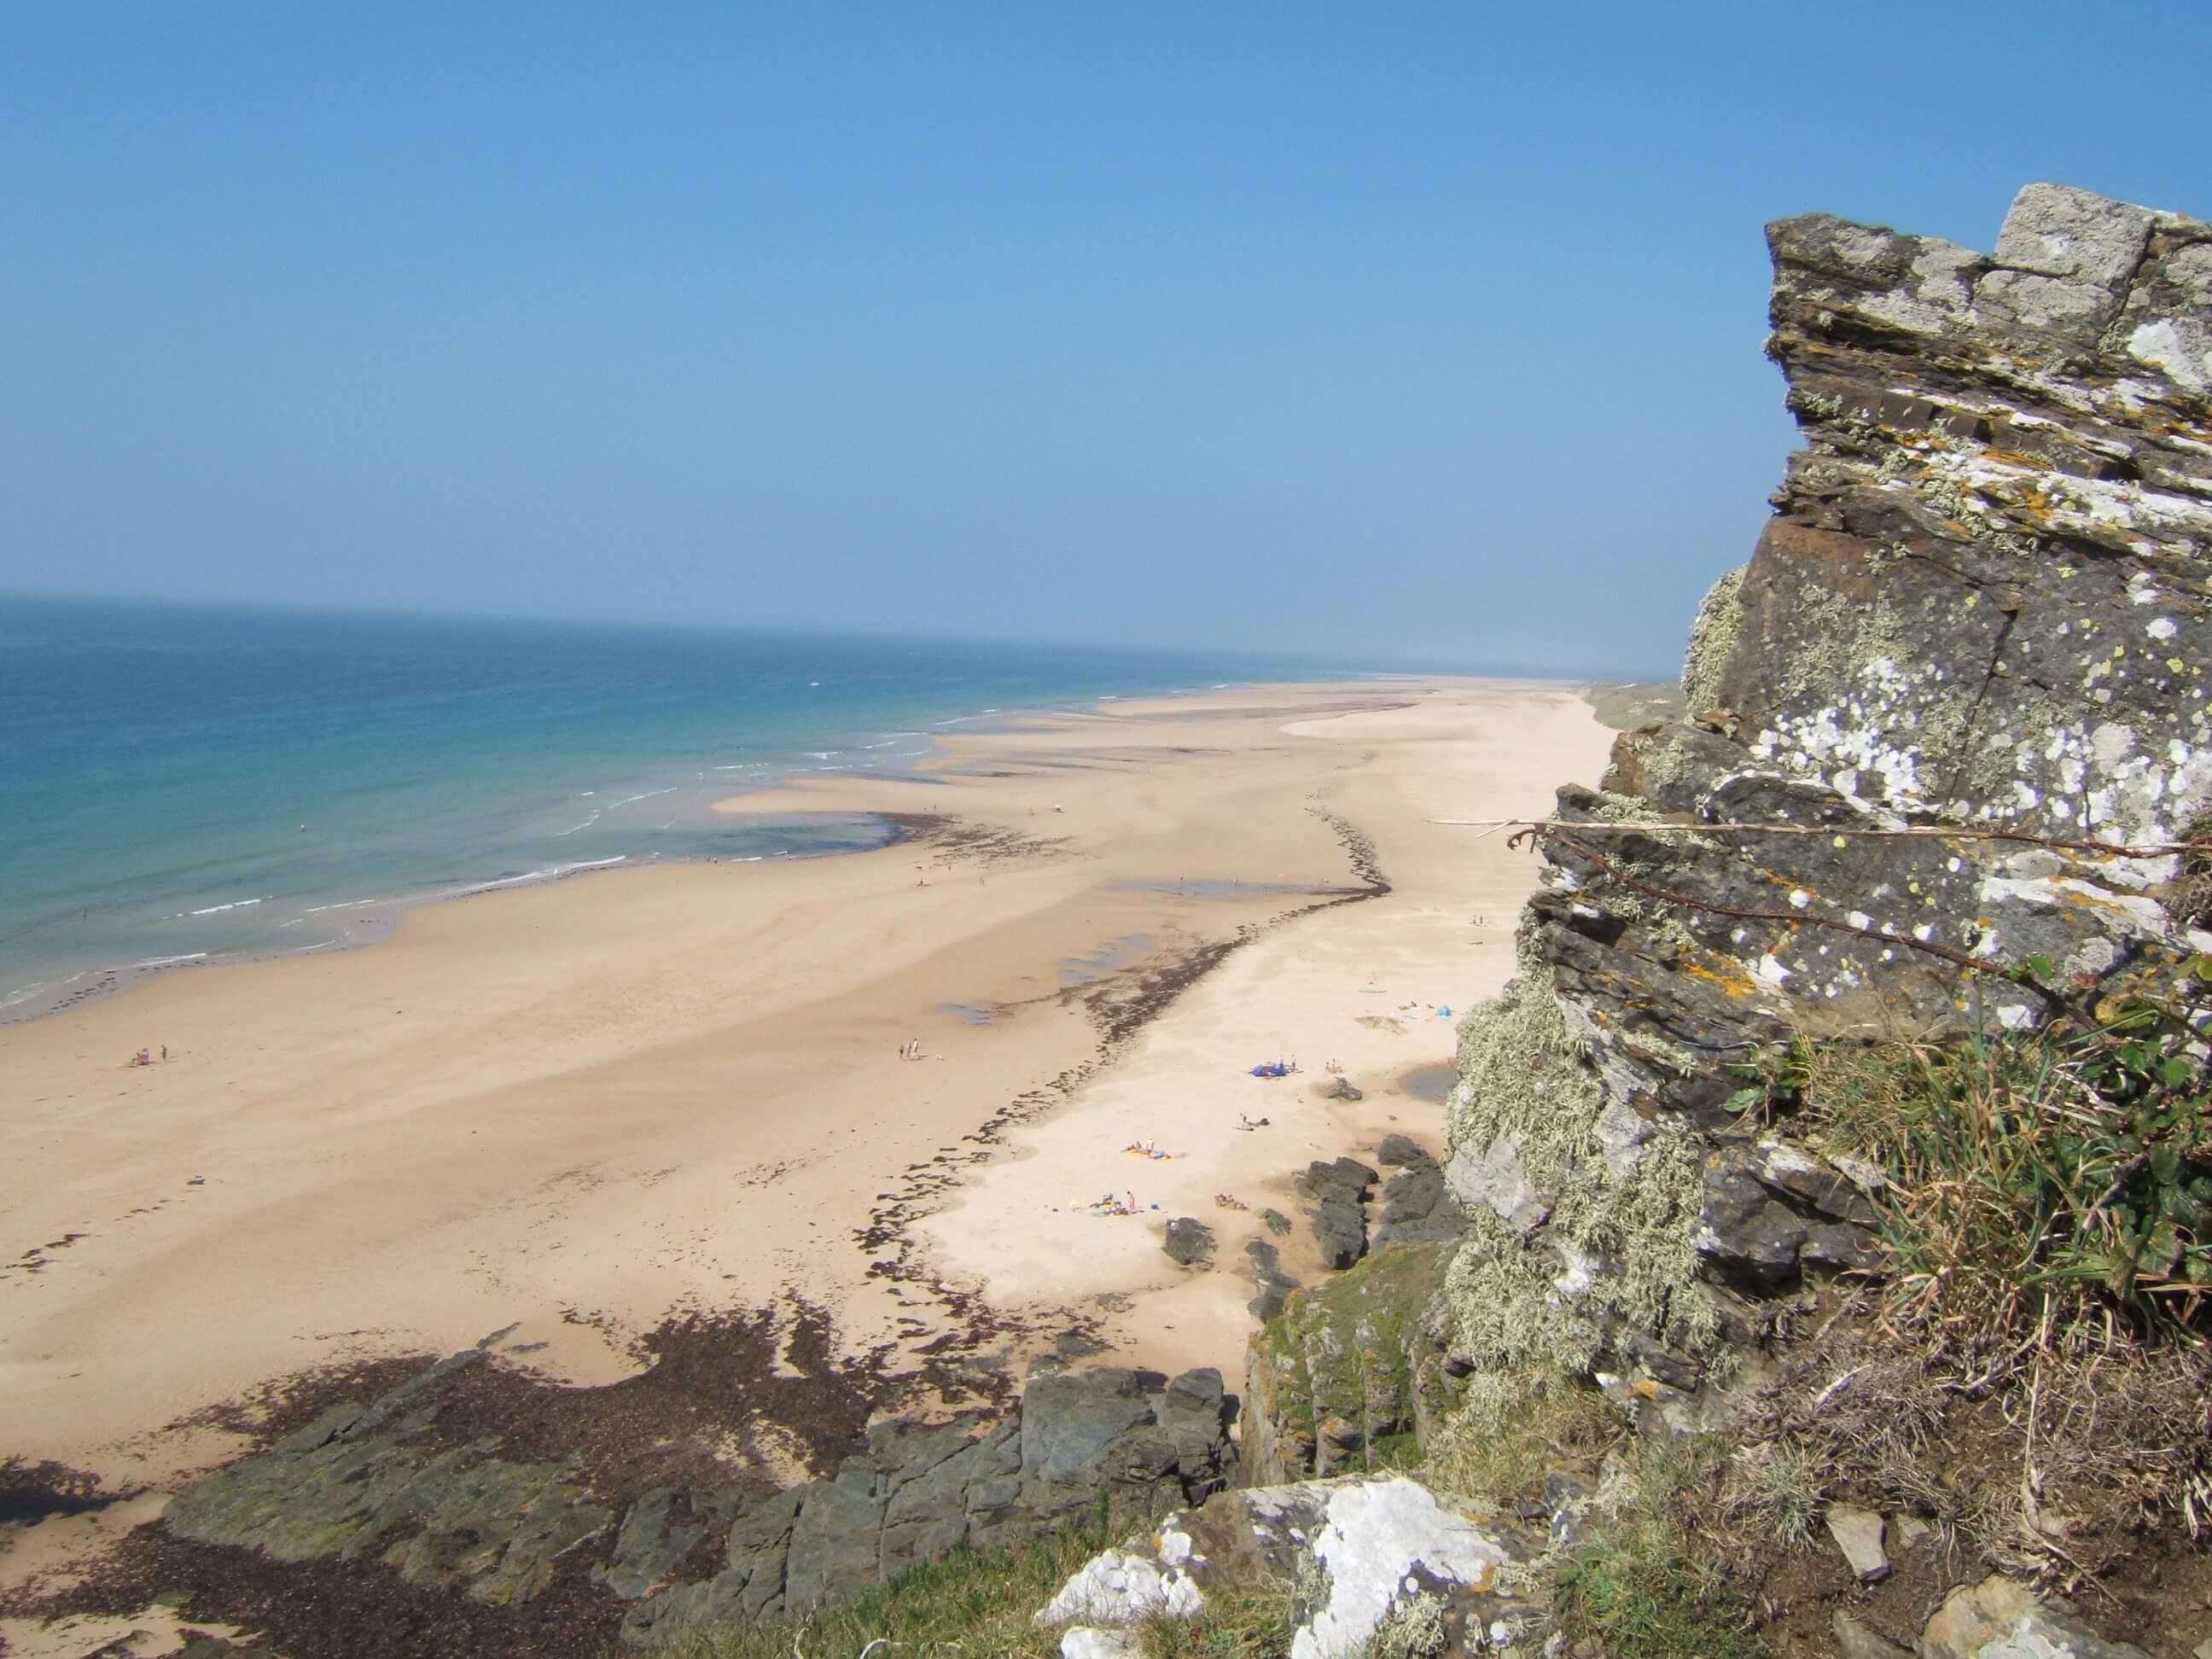 Cap Carteret plage Cotentin - GITE LA DUCKERIE - Location de Gite La Clef Decamp - Laclefdecamp.fr